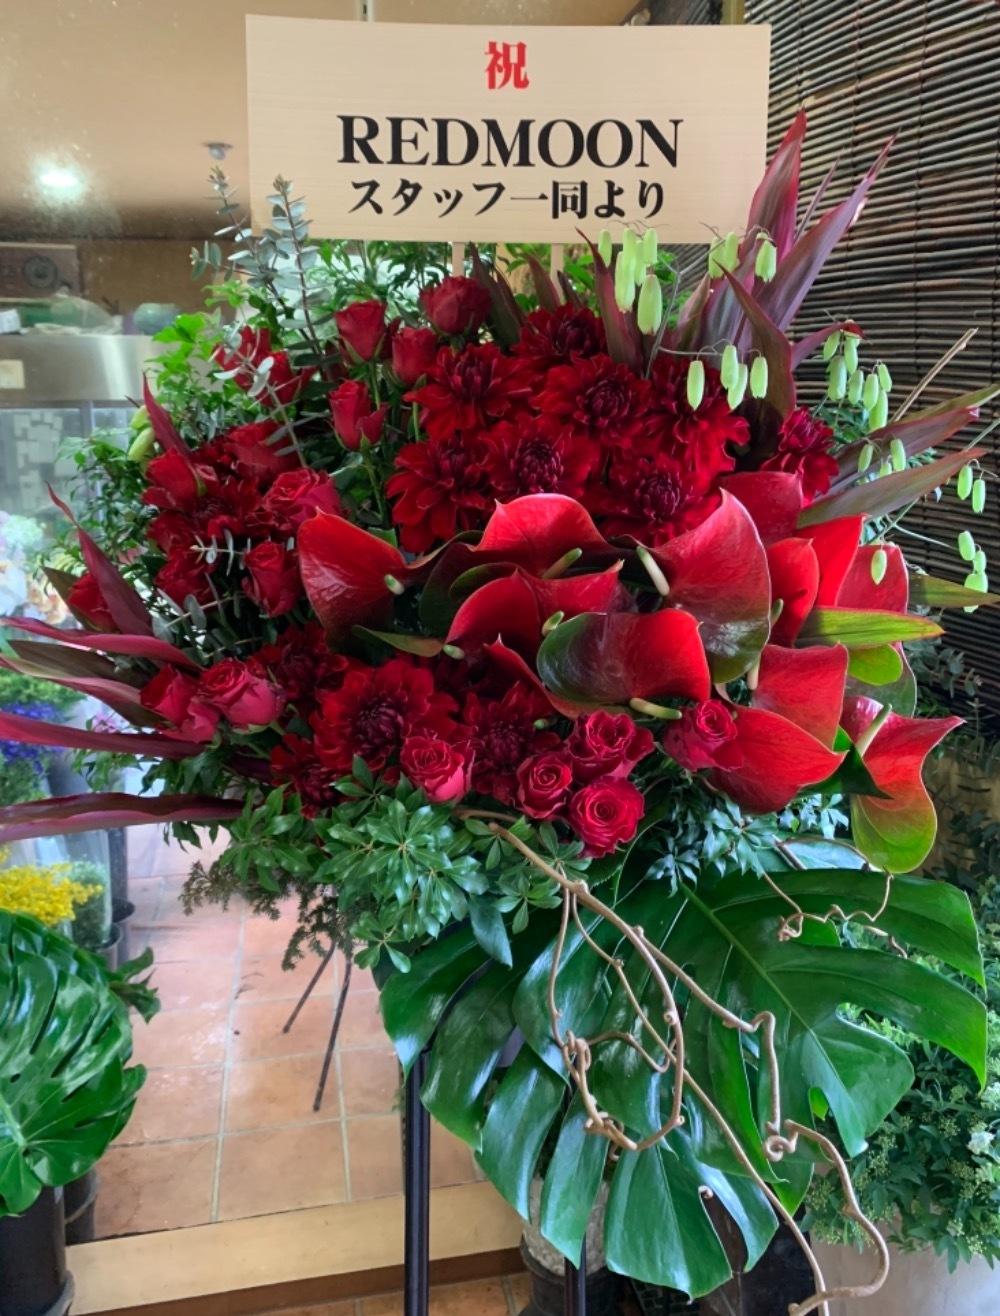 セレクトショップ移転祝いのインパクトあふれる赤のスタンド花